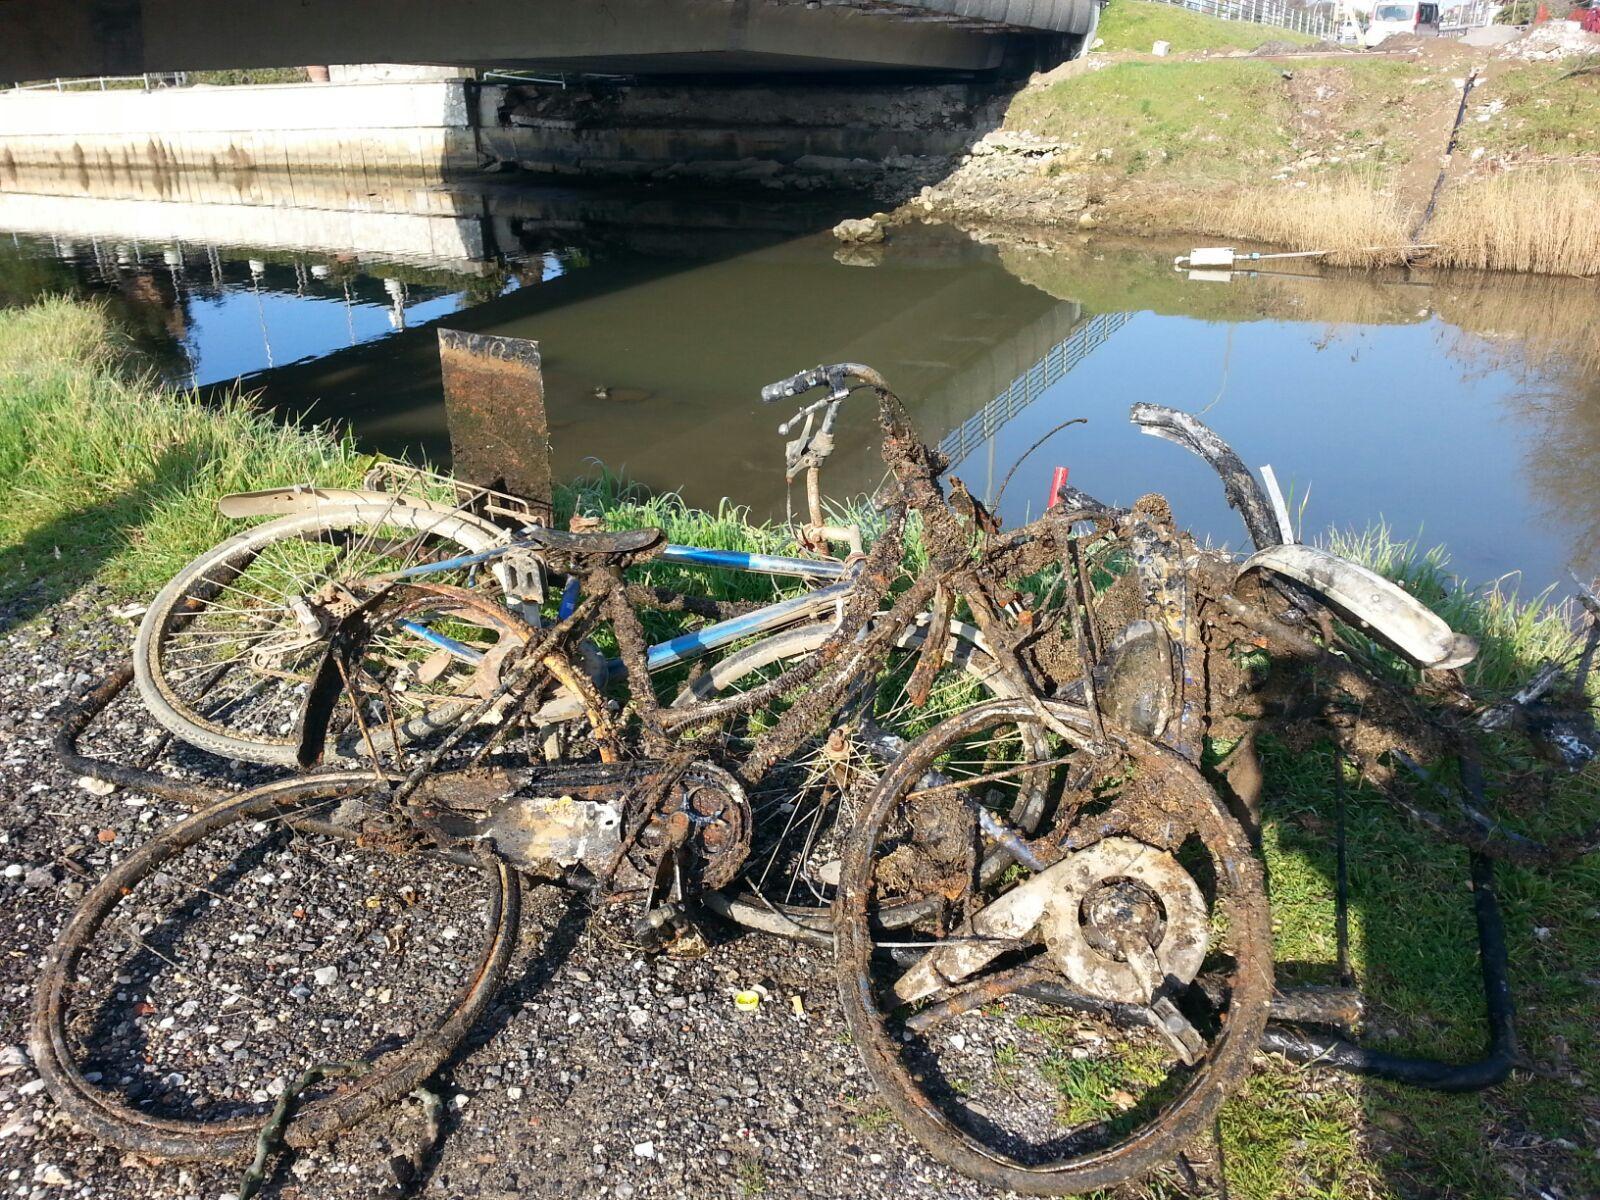 Rottami di biciclette e una transenna nel Fosso Motrone